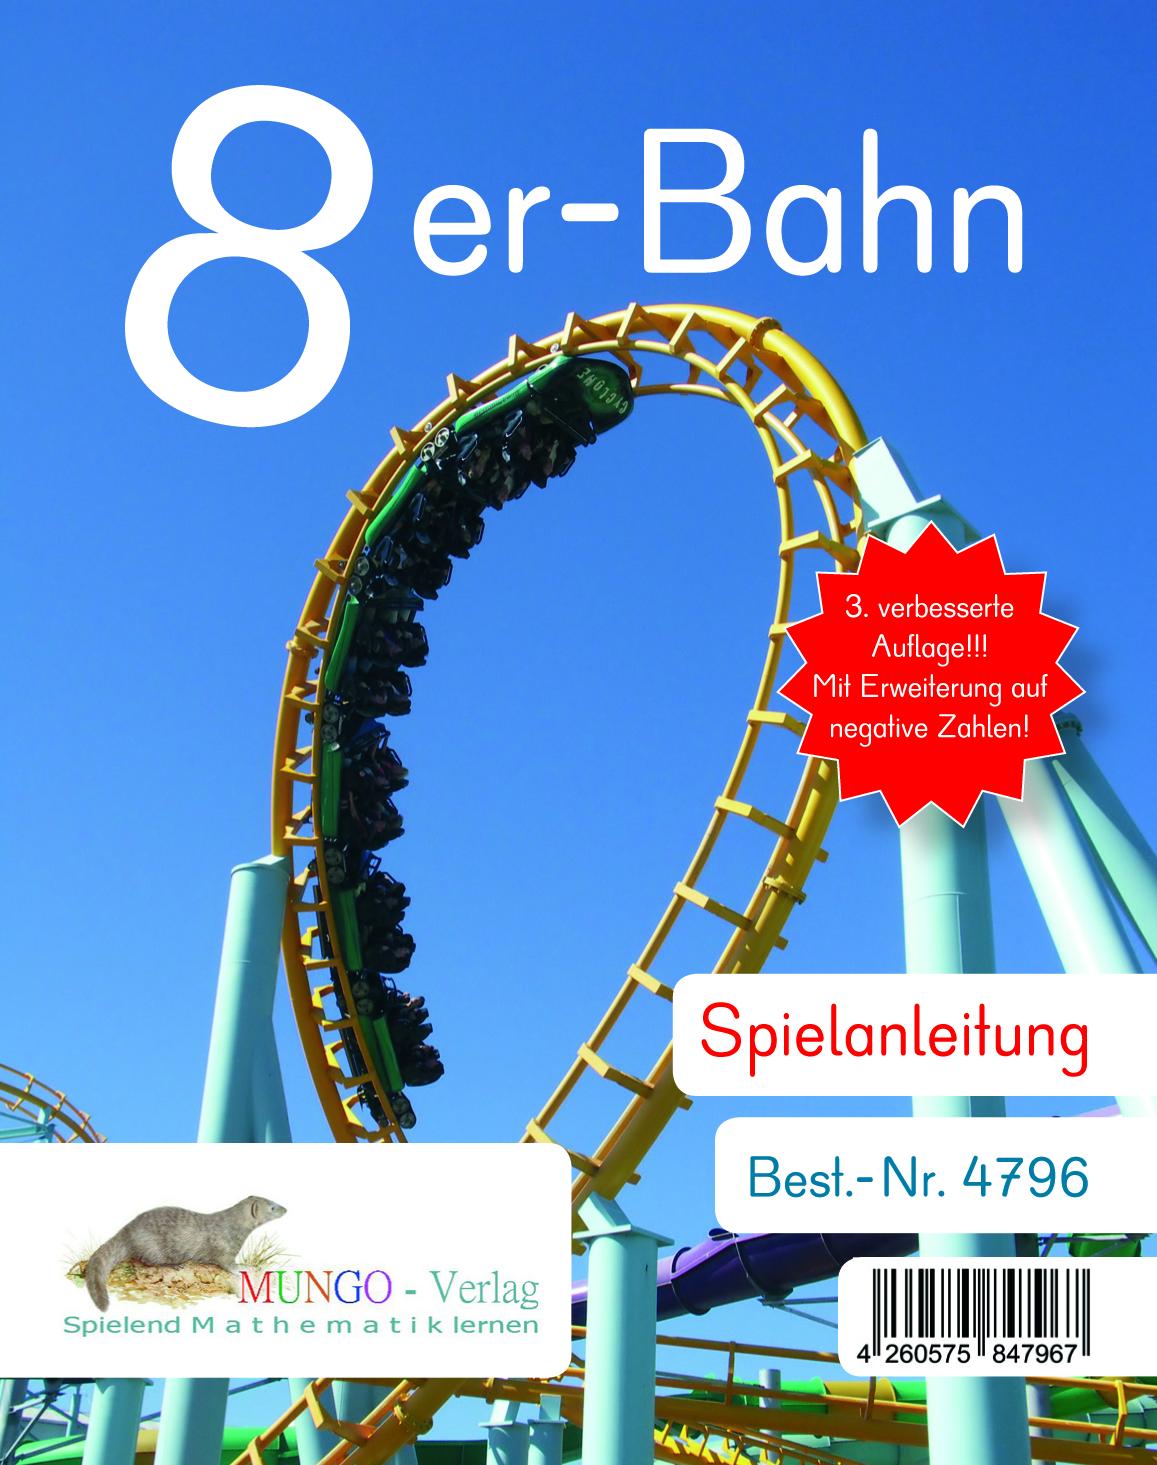 8er-Bahn